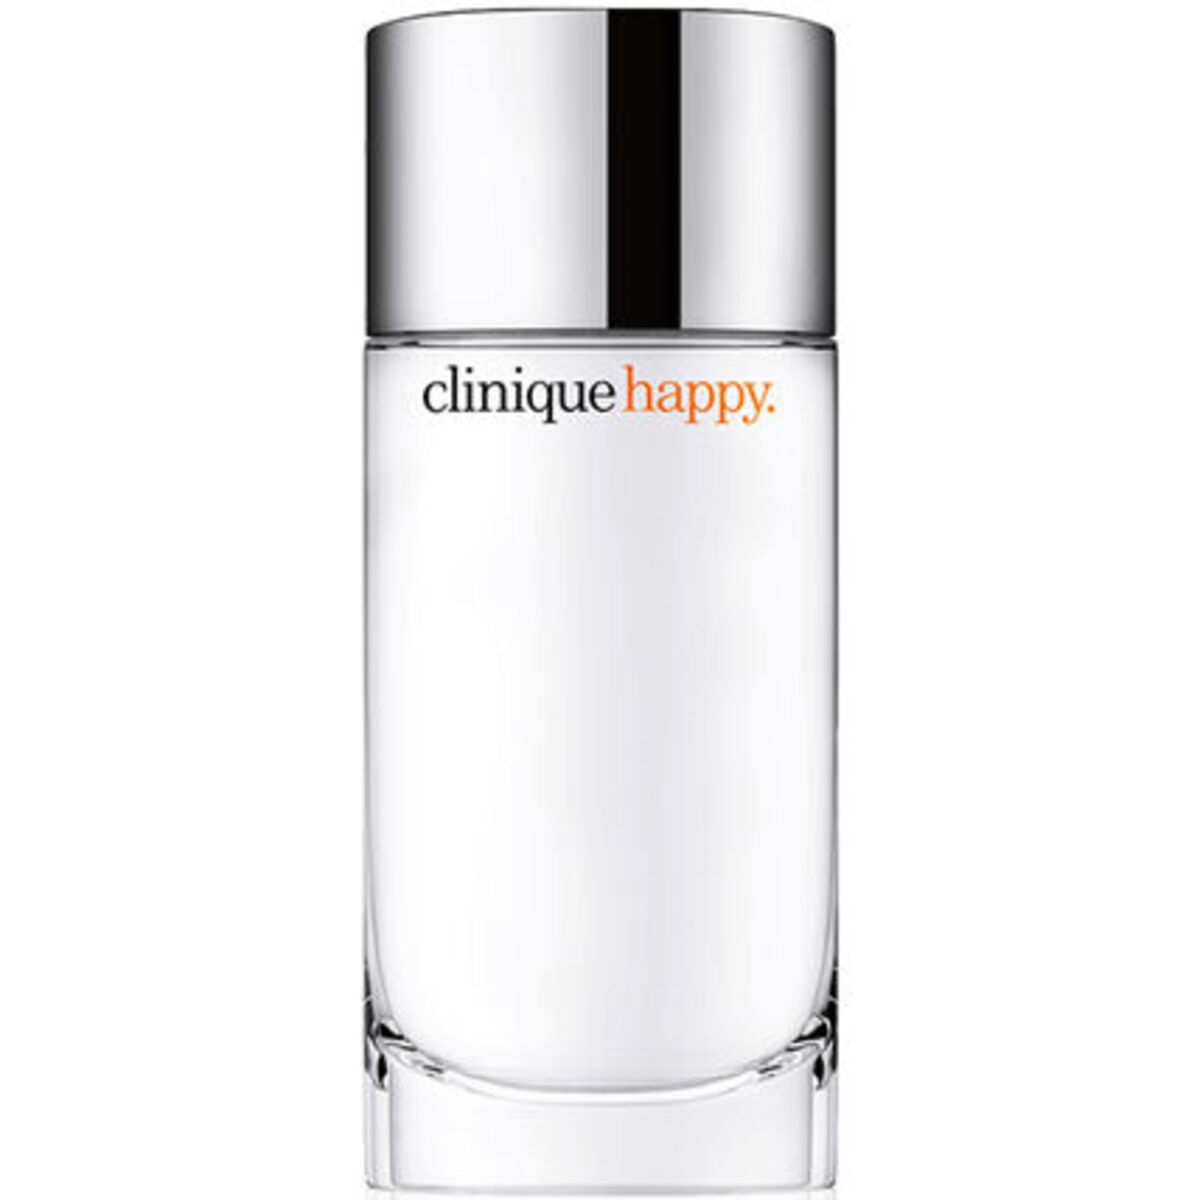 Bild 1 von Clinique Happy, Eau de Parfum, 30 ml